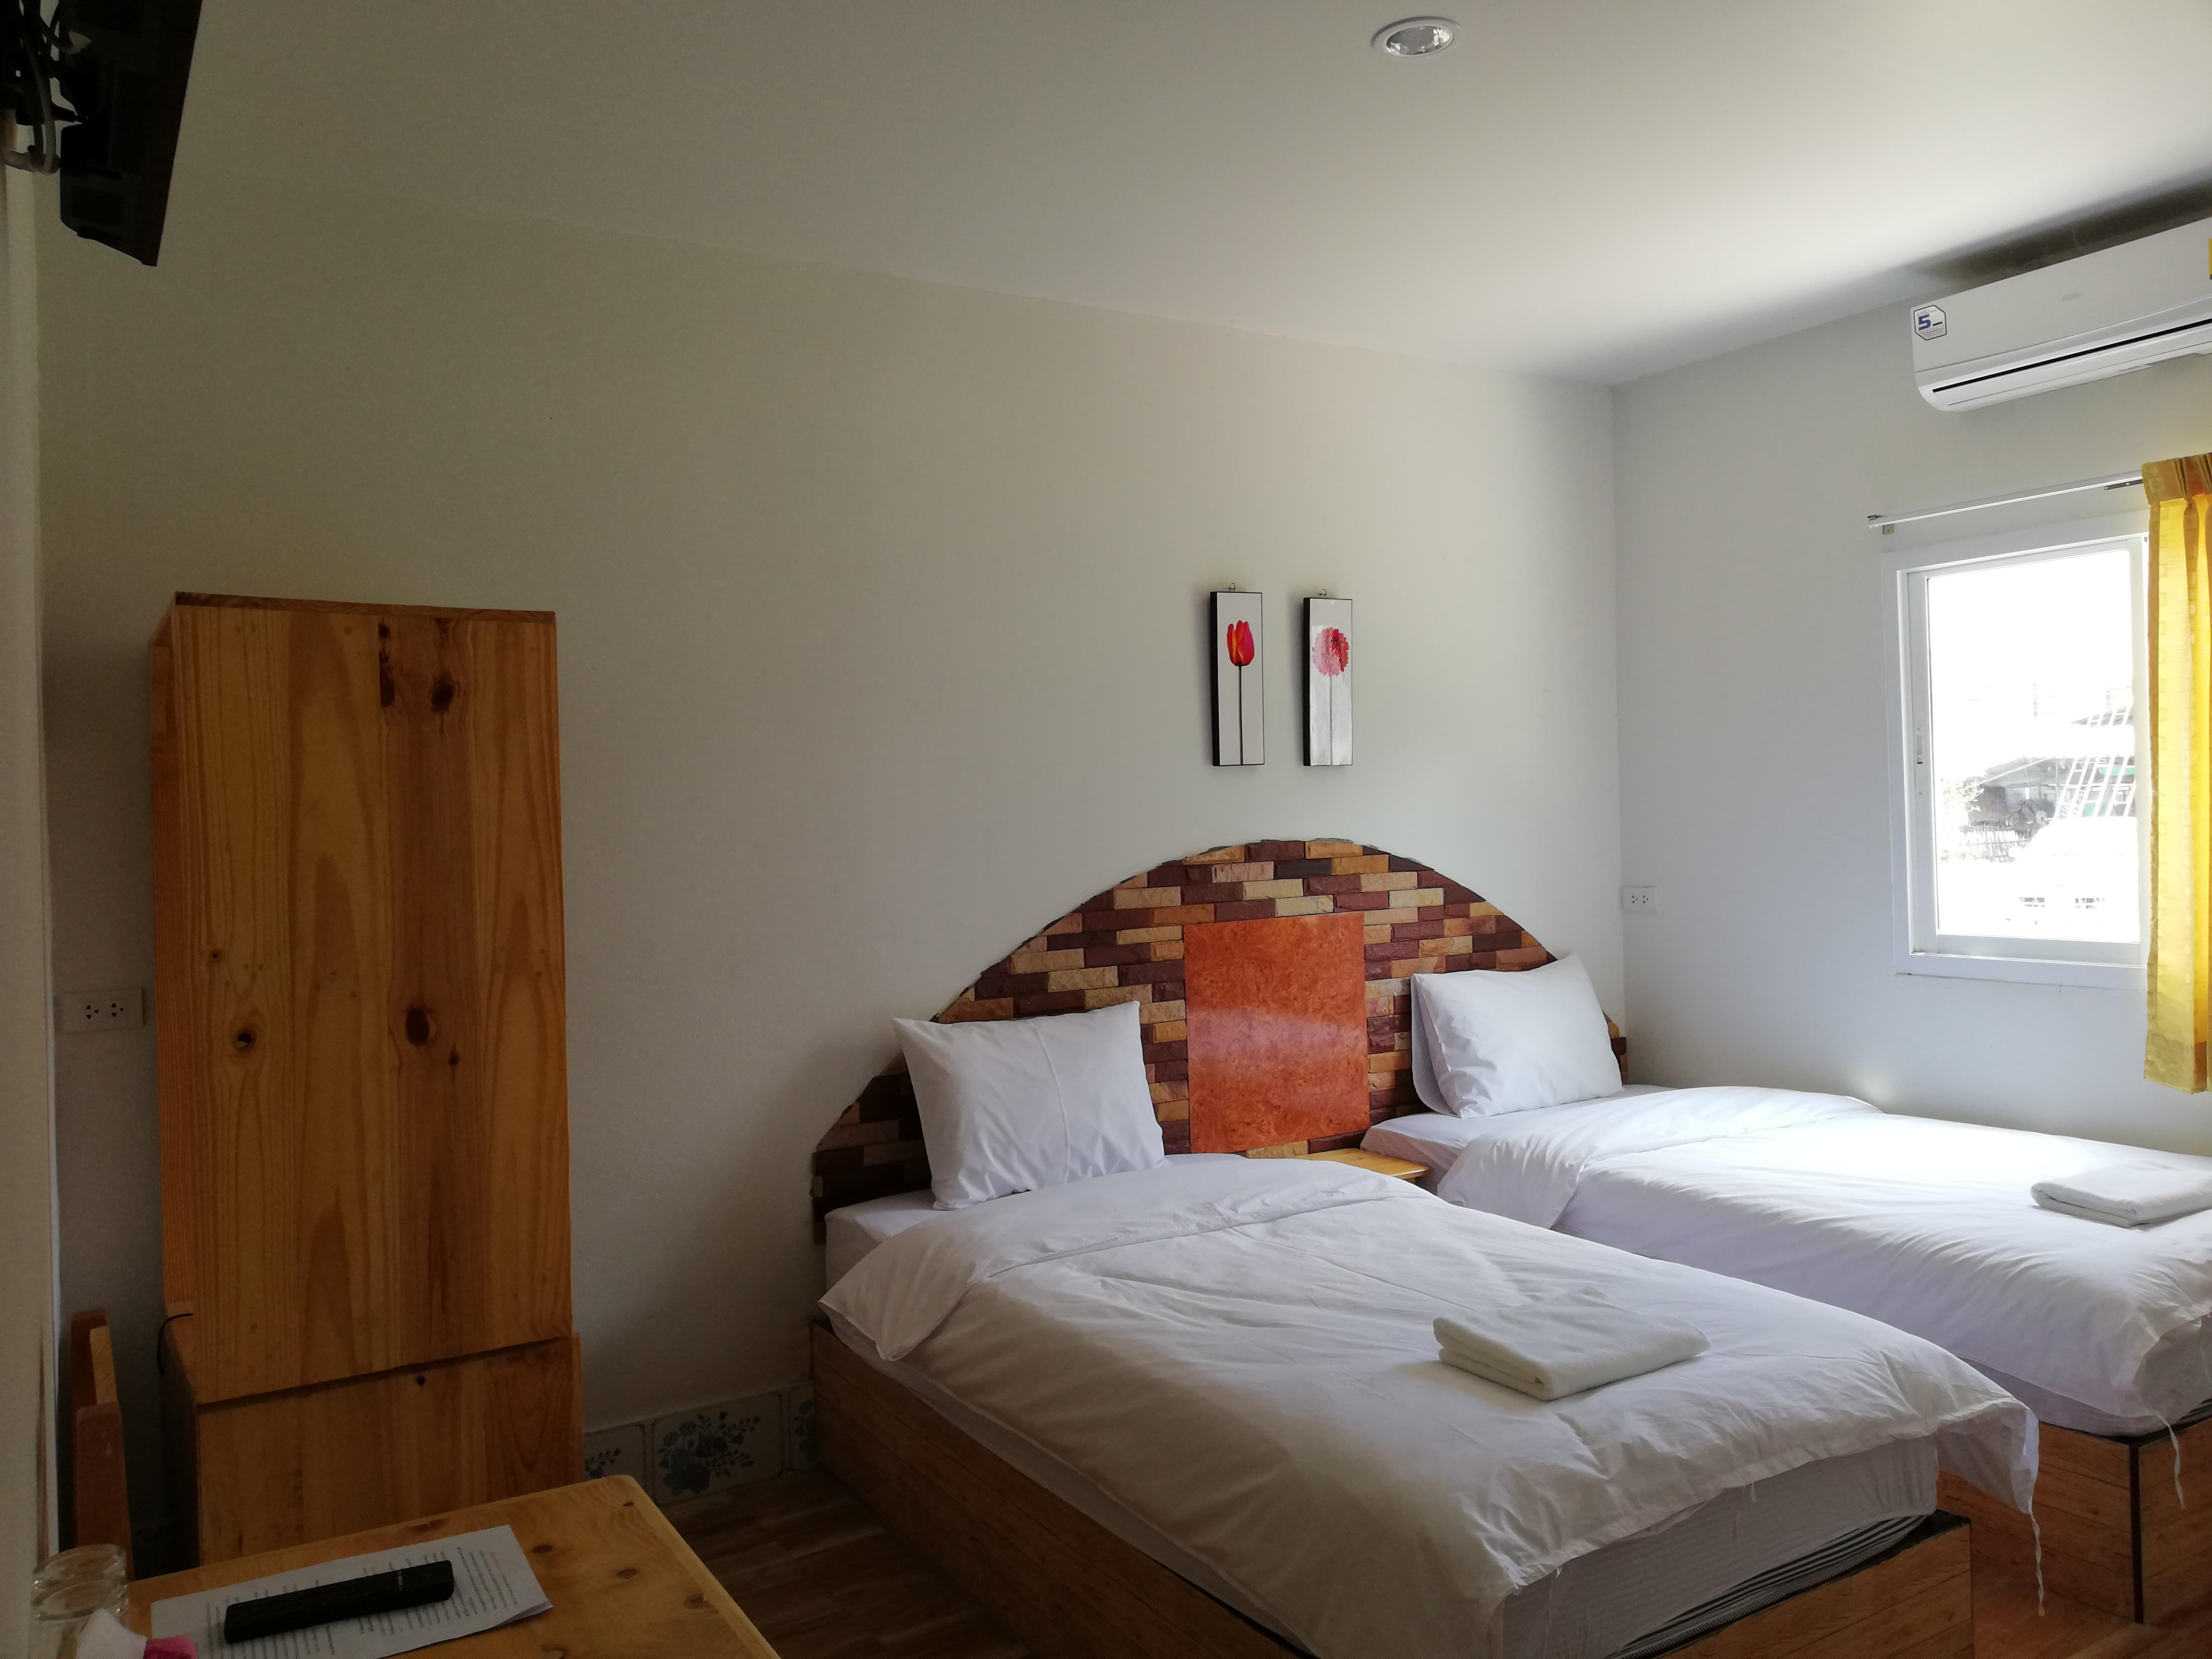 Fotos gratis : habitación, Cuarto, propiedad, pared, marco de la ...